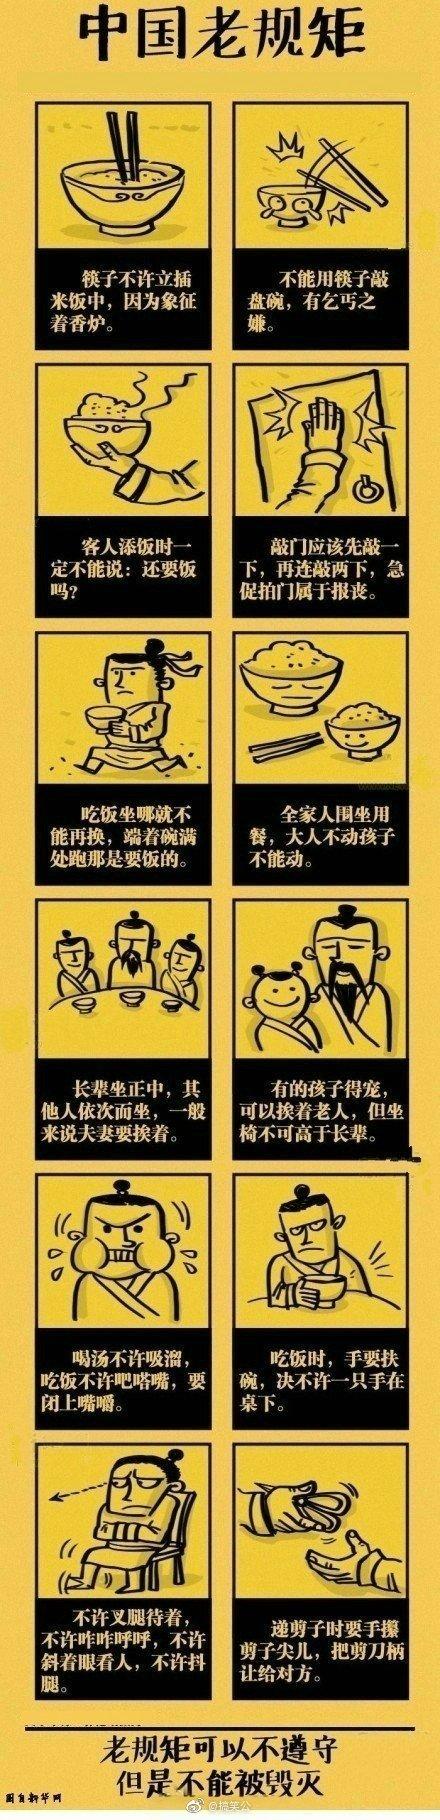 中国传统老规矩,你知道多少?